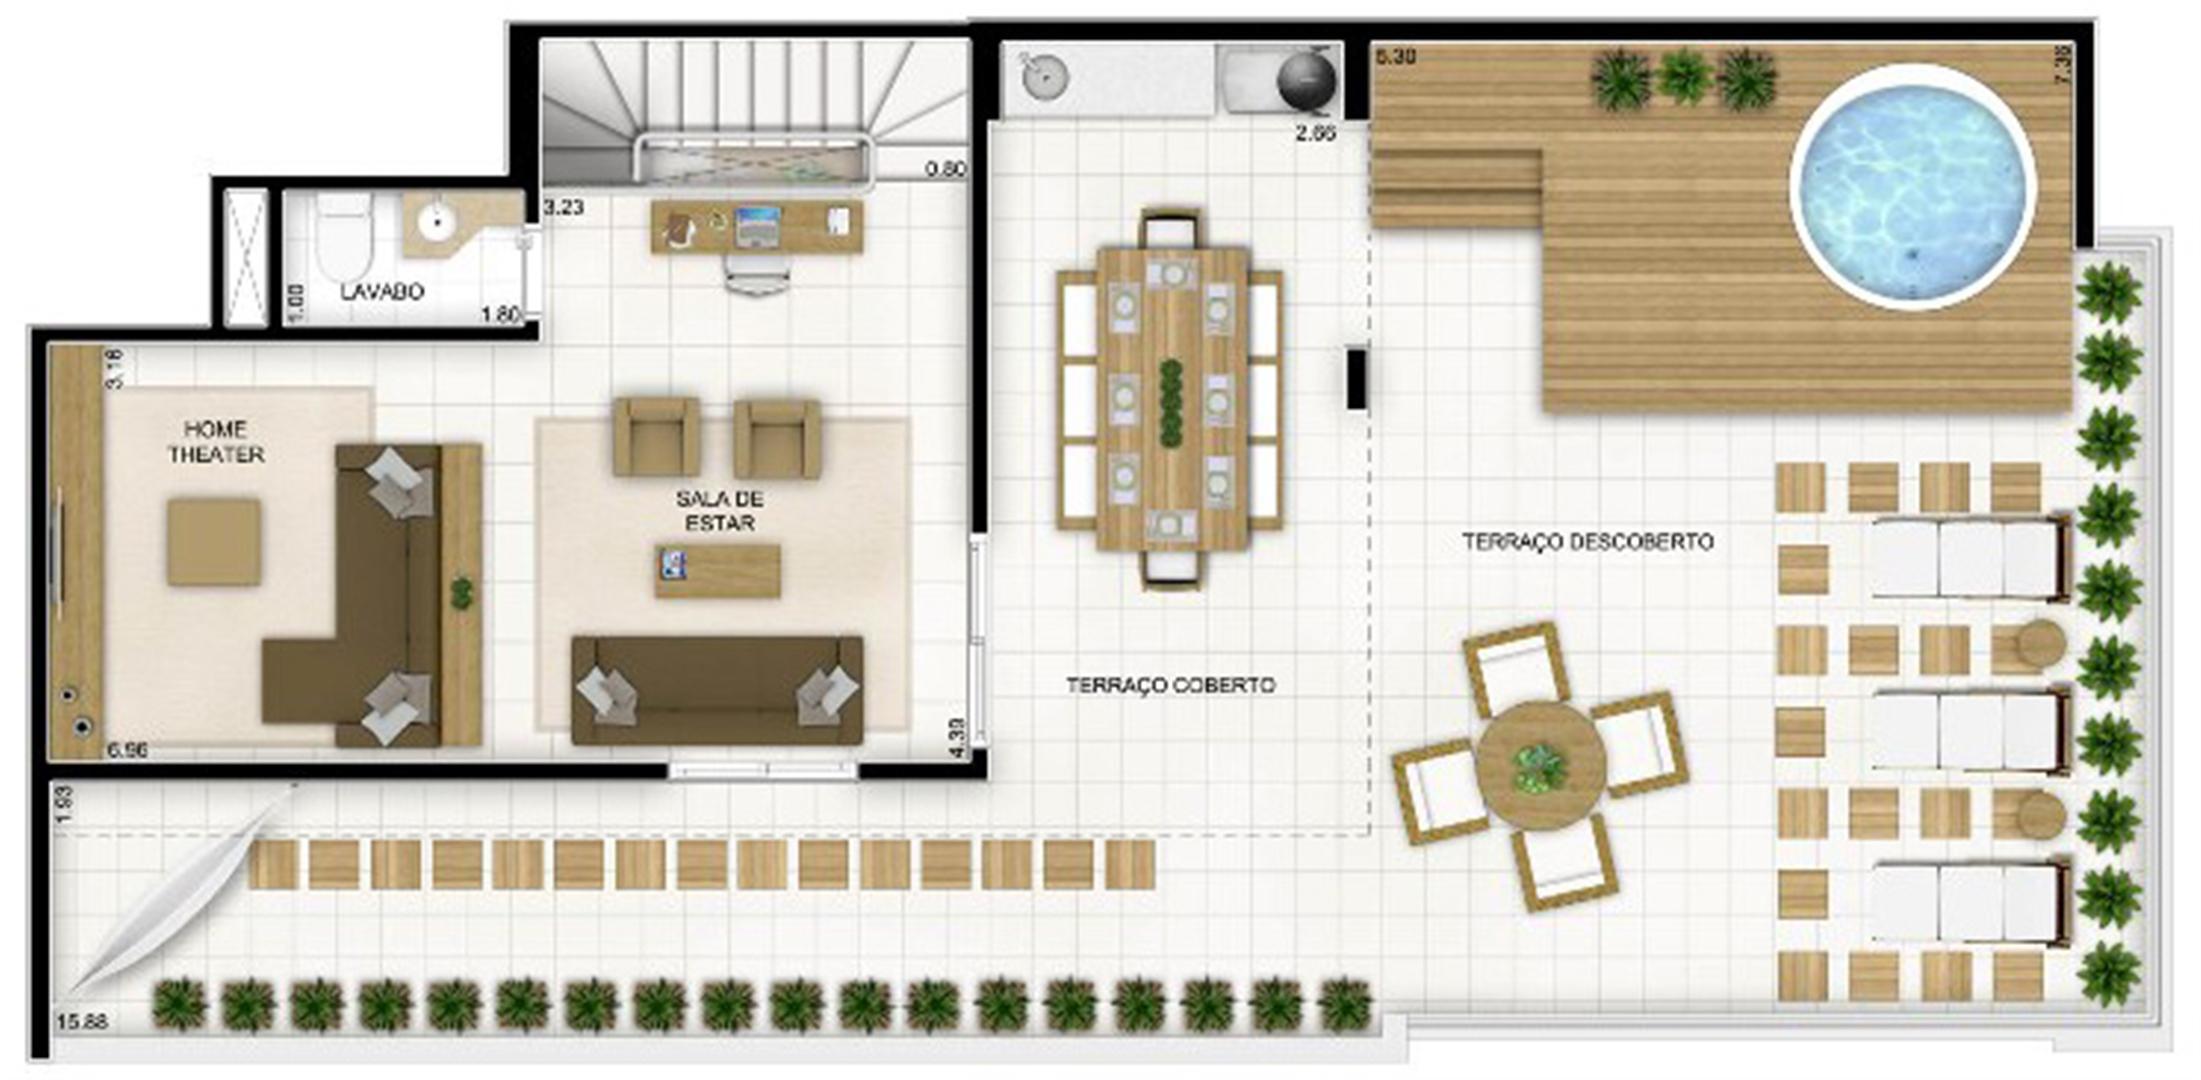 Duplex Andar Superior 236 m²   Quartier Lagoa Nova – Apartamento na  Lagoa Nova - Natal - Rio Grande do Norte